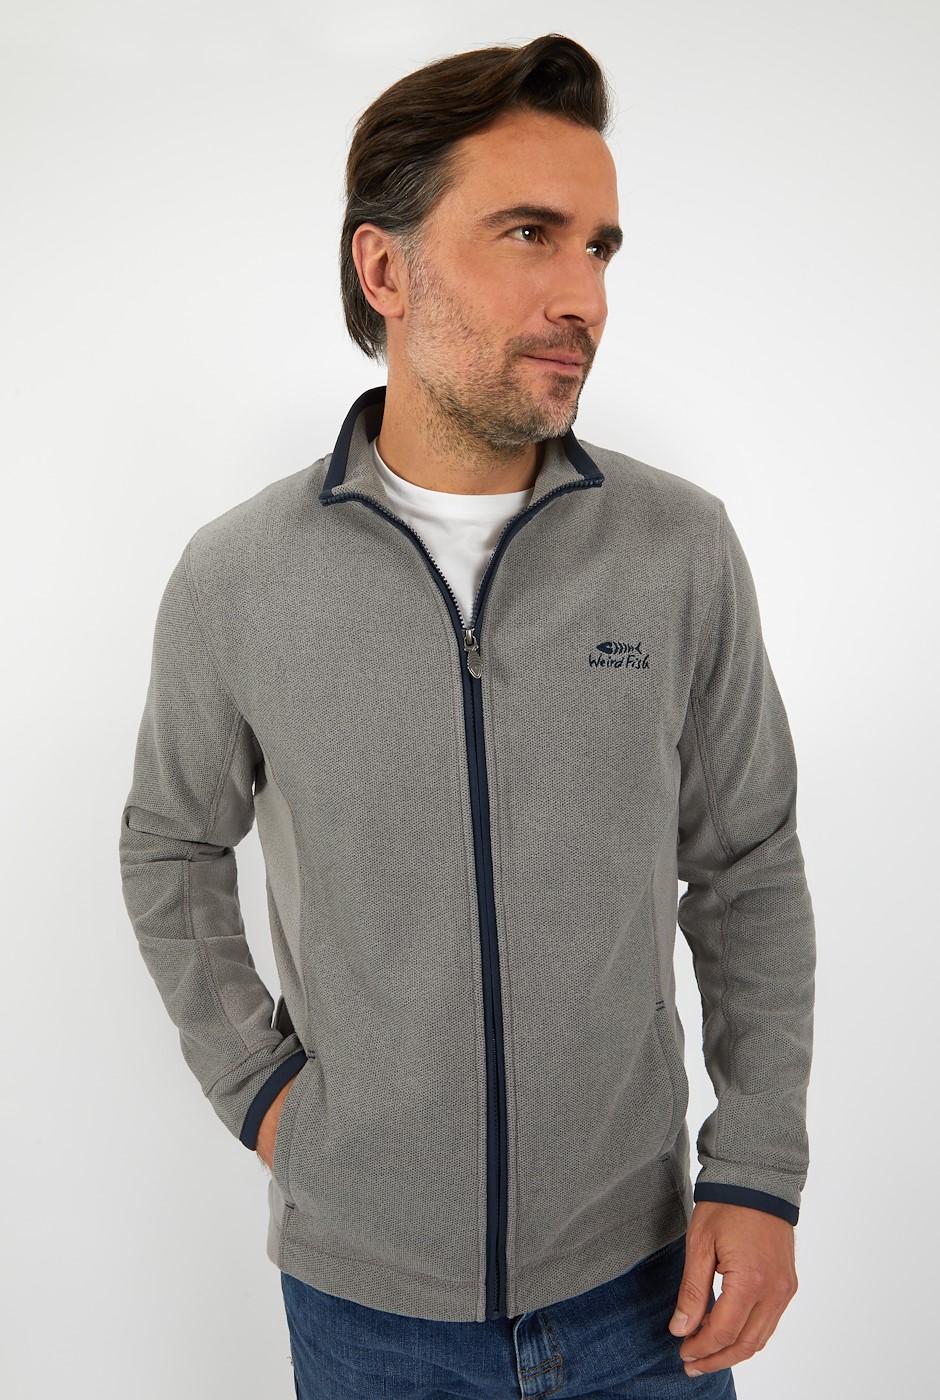 Manet Full Zip Birdseye Fleece Frost Grey